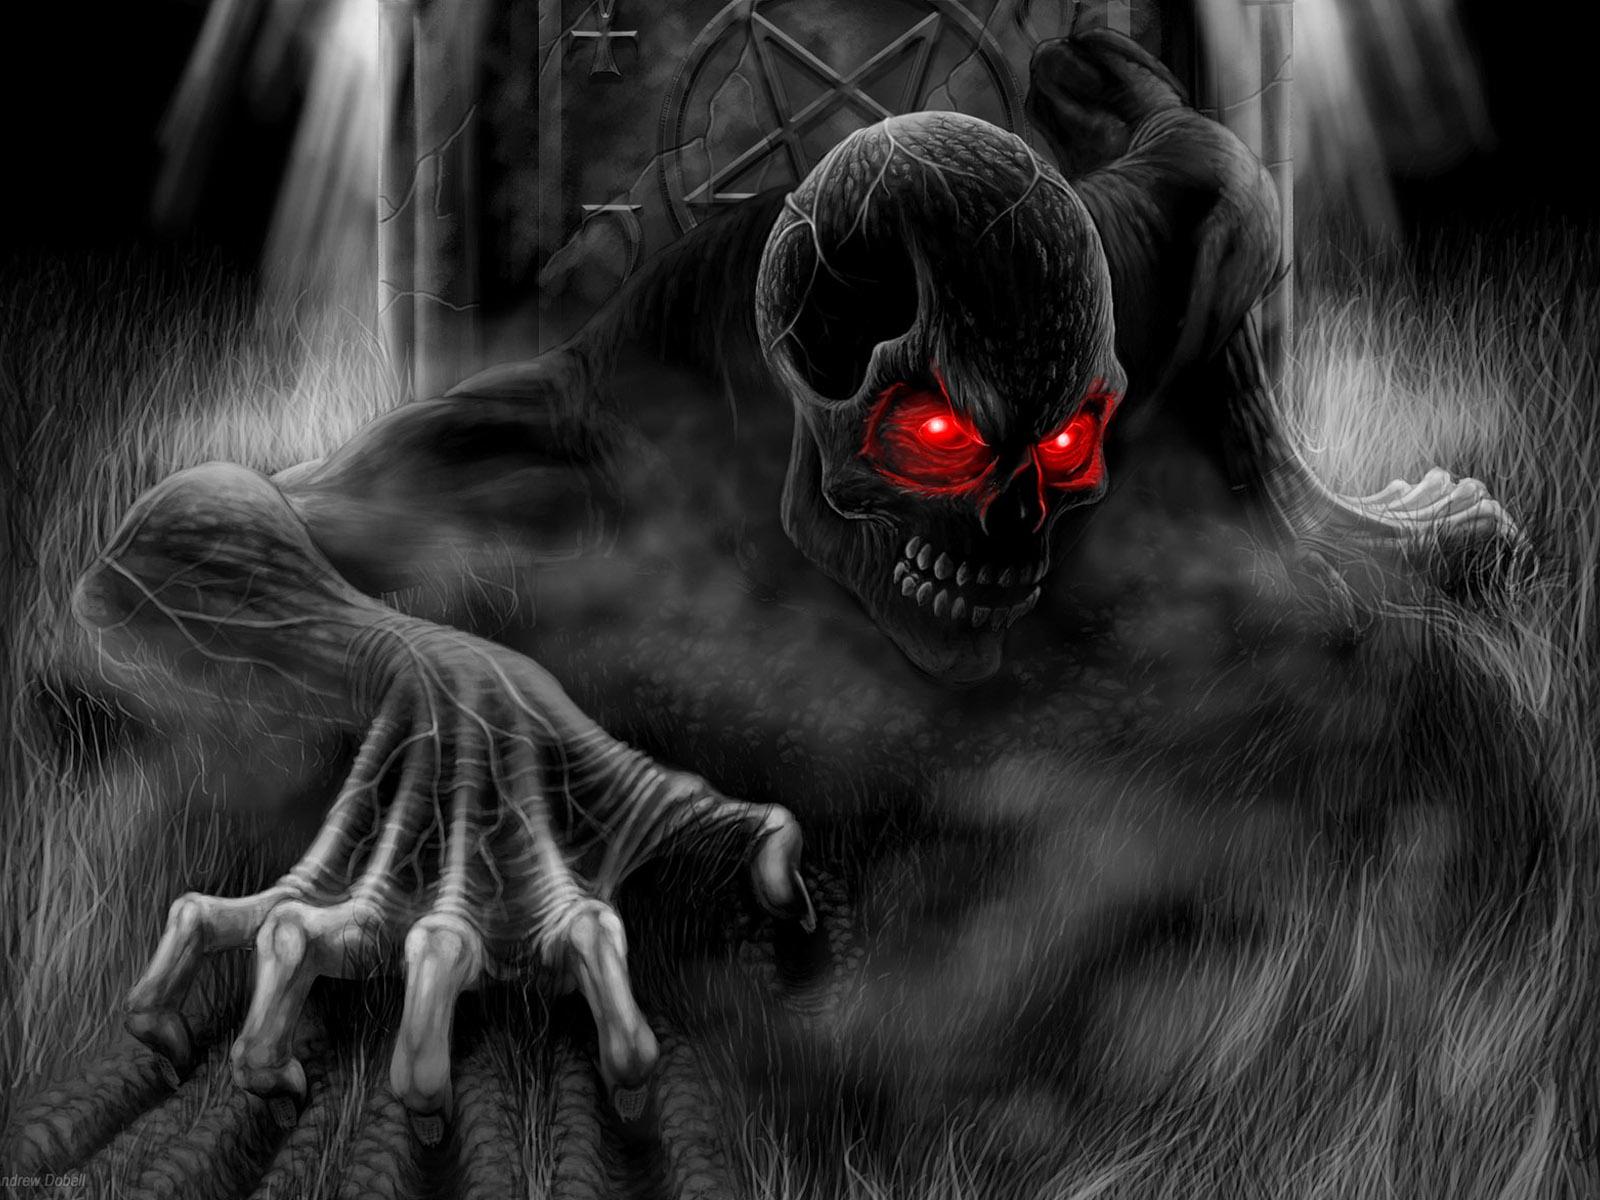 http://4.bp.blogspot.com/_wNRrISXI7pU/S7wSd5RO0yI/AAAAAAAAACg/RNsAJRXSeLU/s1600/Black_Magic.jpg